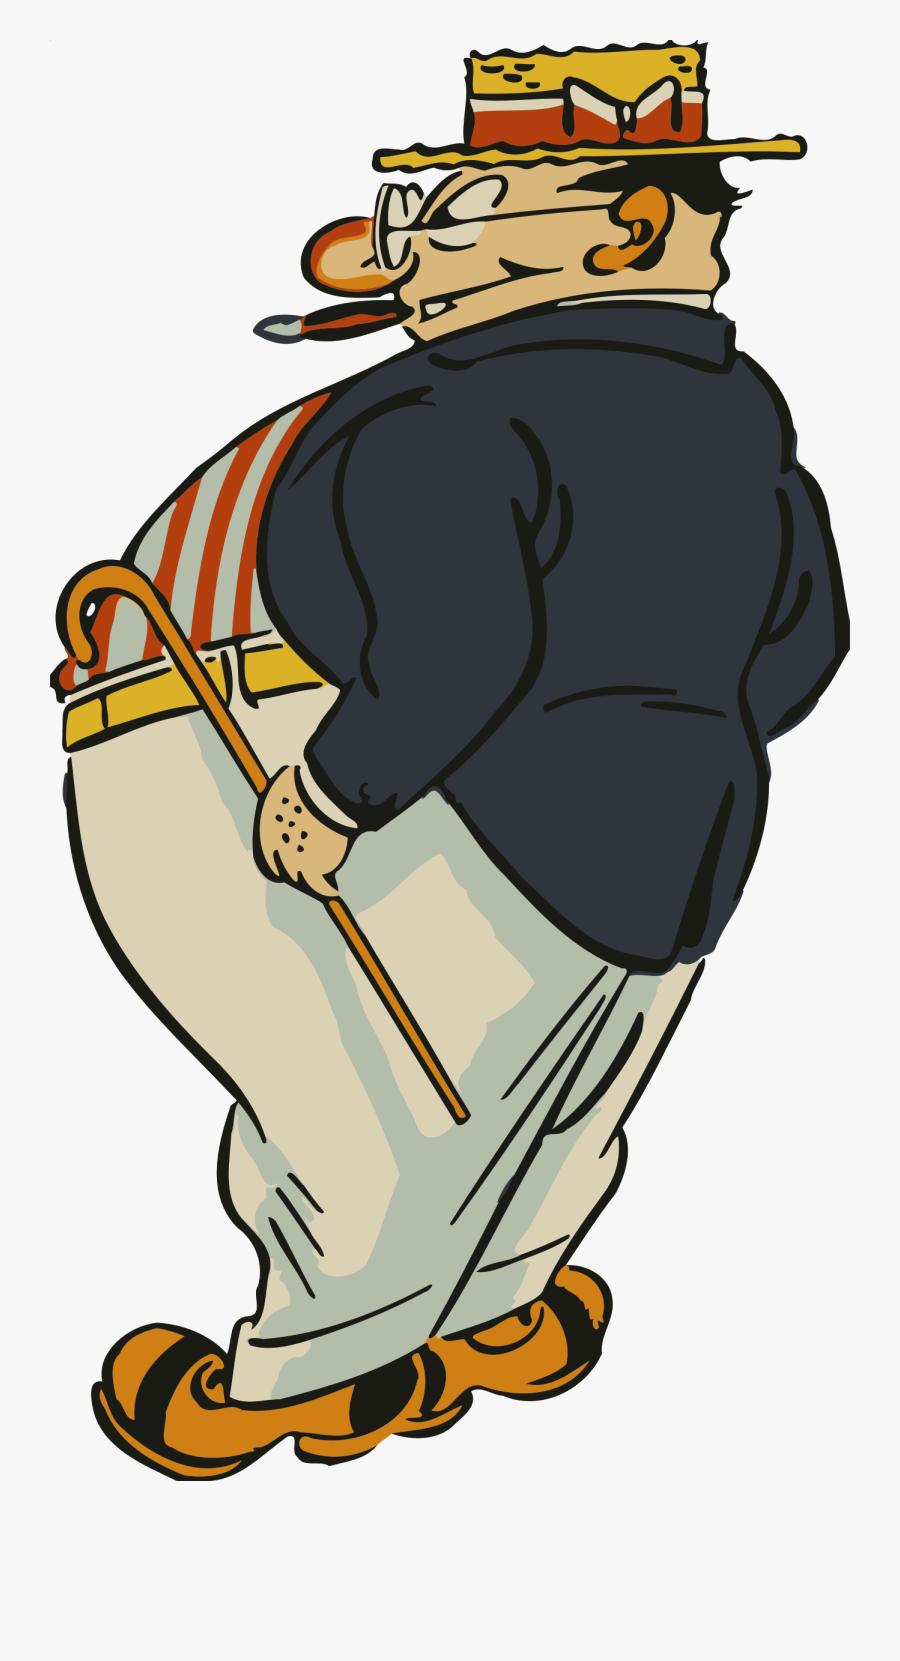 Transparent Fat Clipart - Fat Man Cartoon Drawing, Transparent Clipart